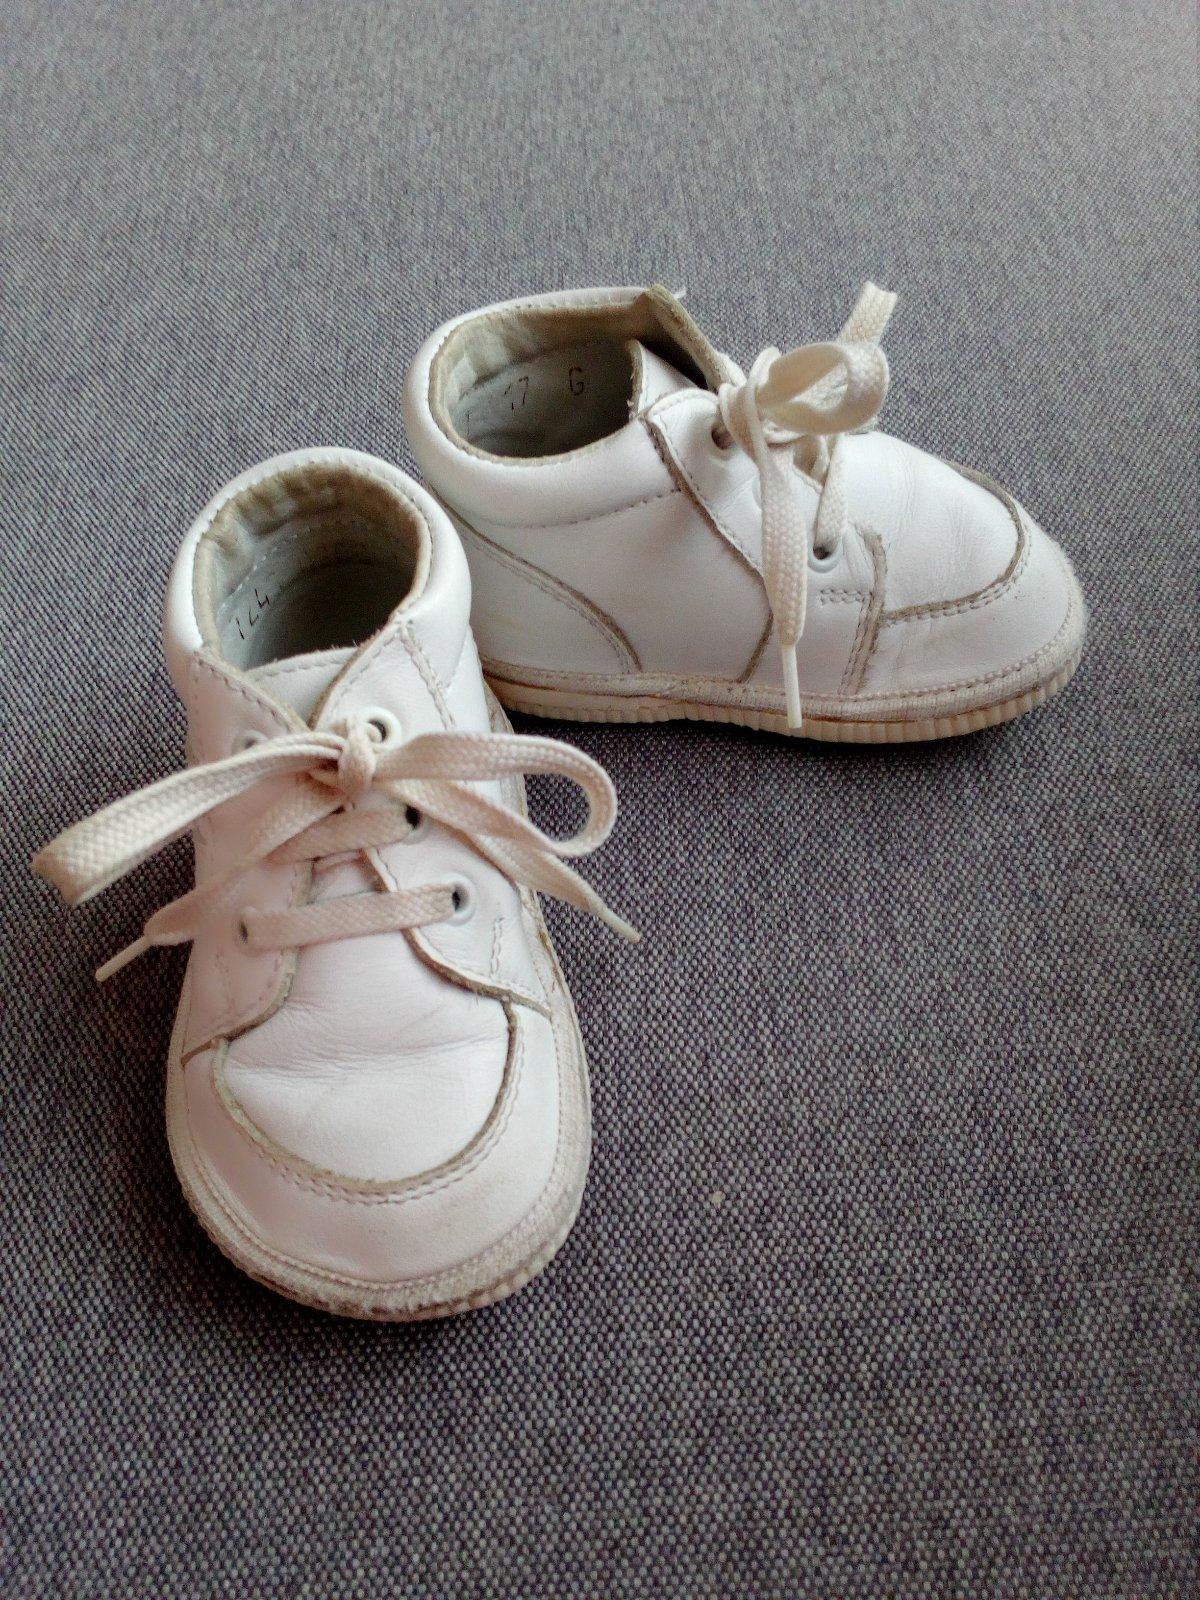 d0cc2da59fdca Detské topánočky-capačky, rak,17 - 3 € od predávajúcej zuzu007zuzu | Detský  bazár | ModryKonik.sk